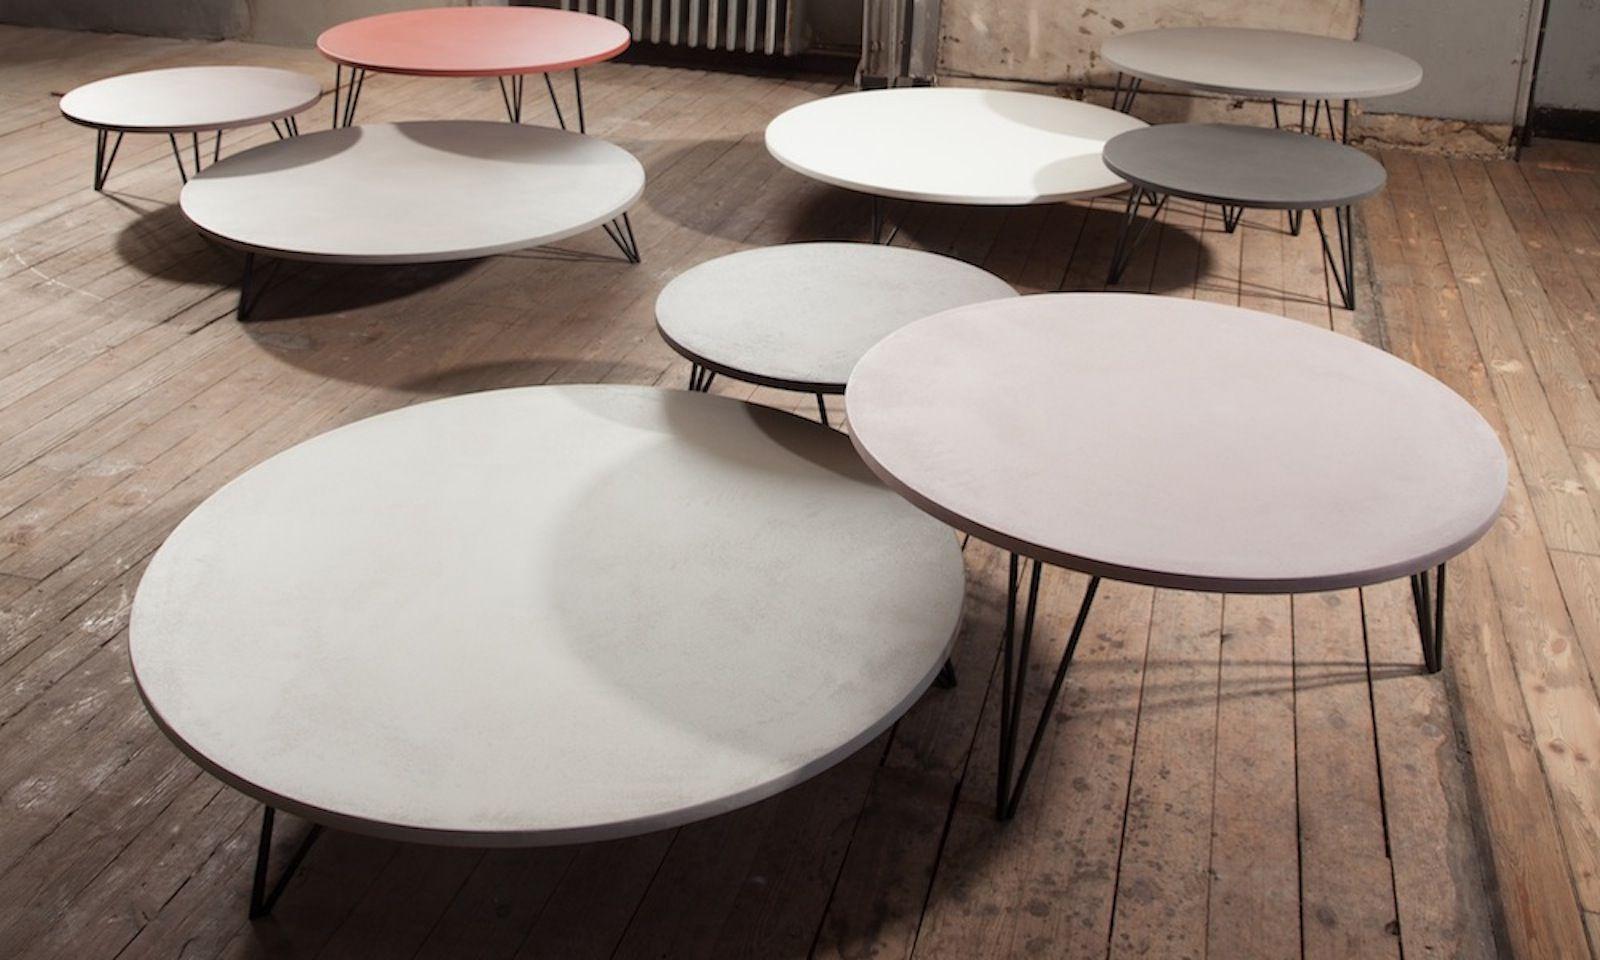 Triss Fabriquant De Mobilier Contemporain Haut De Gamme Deco Table Basse Mobilier Contemporain Meuble Deco